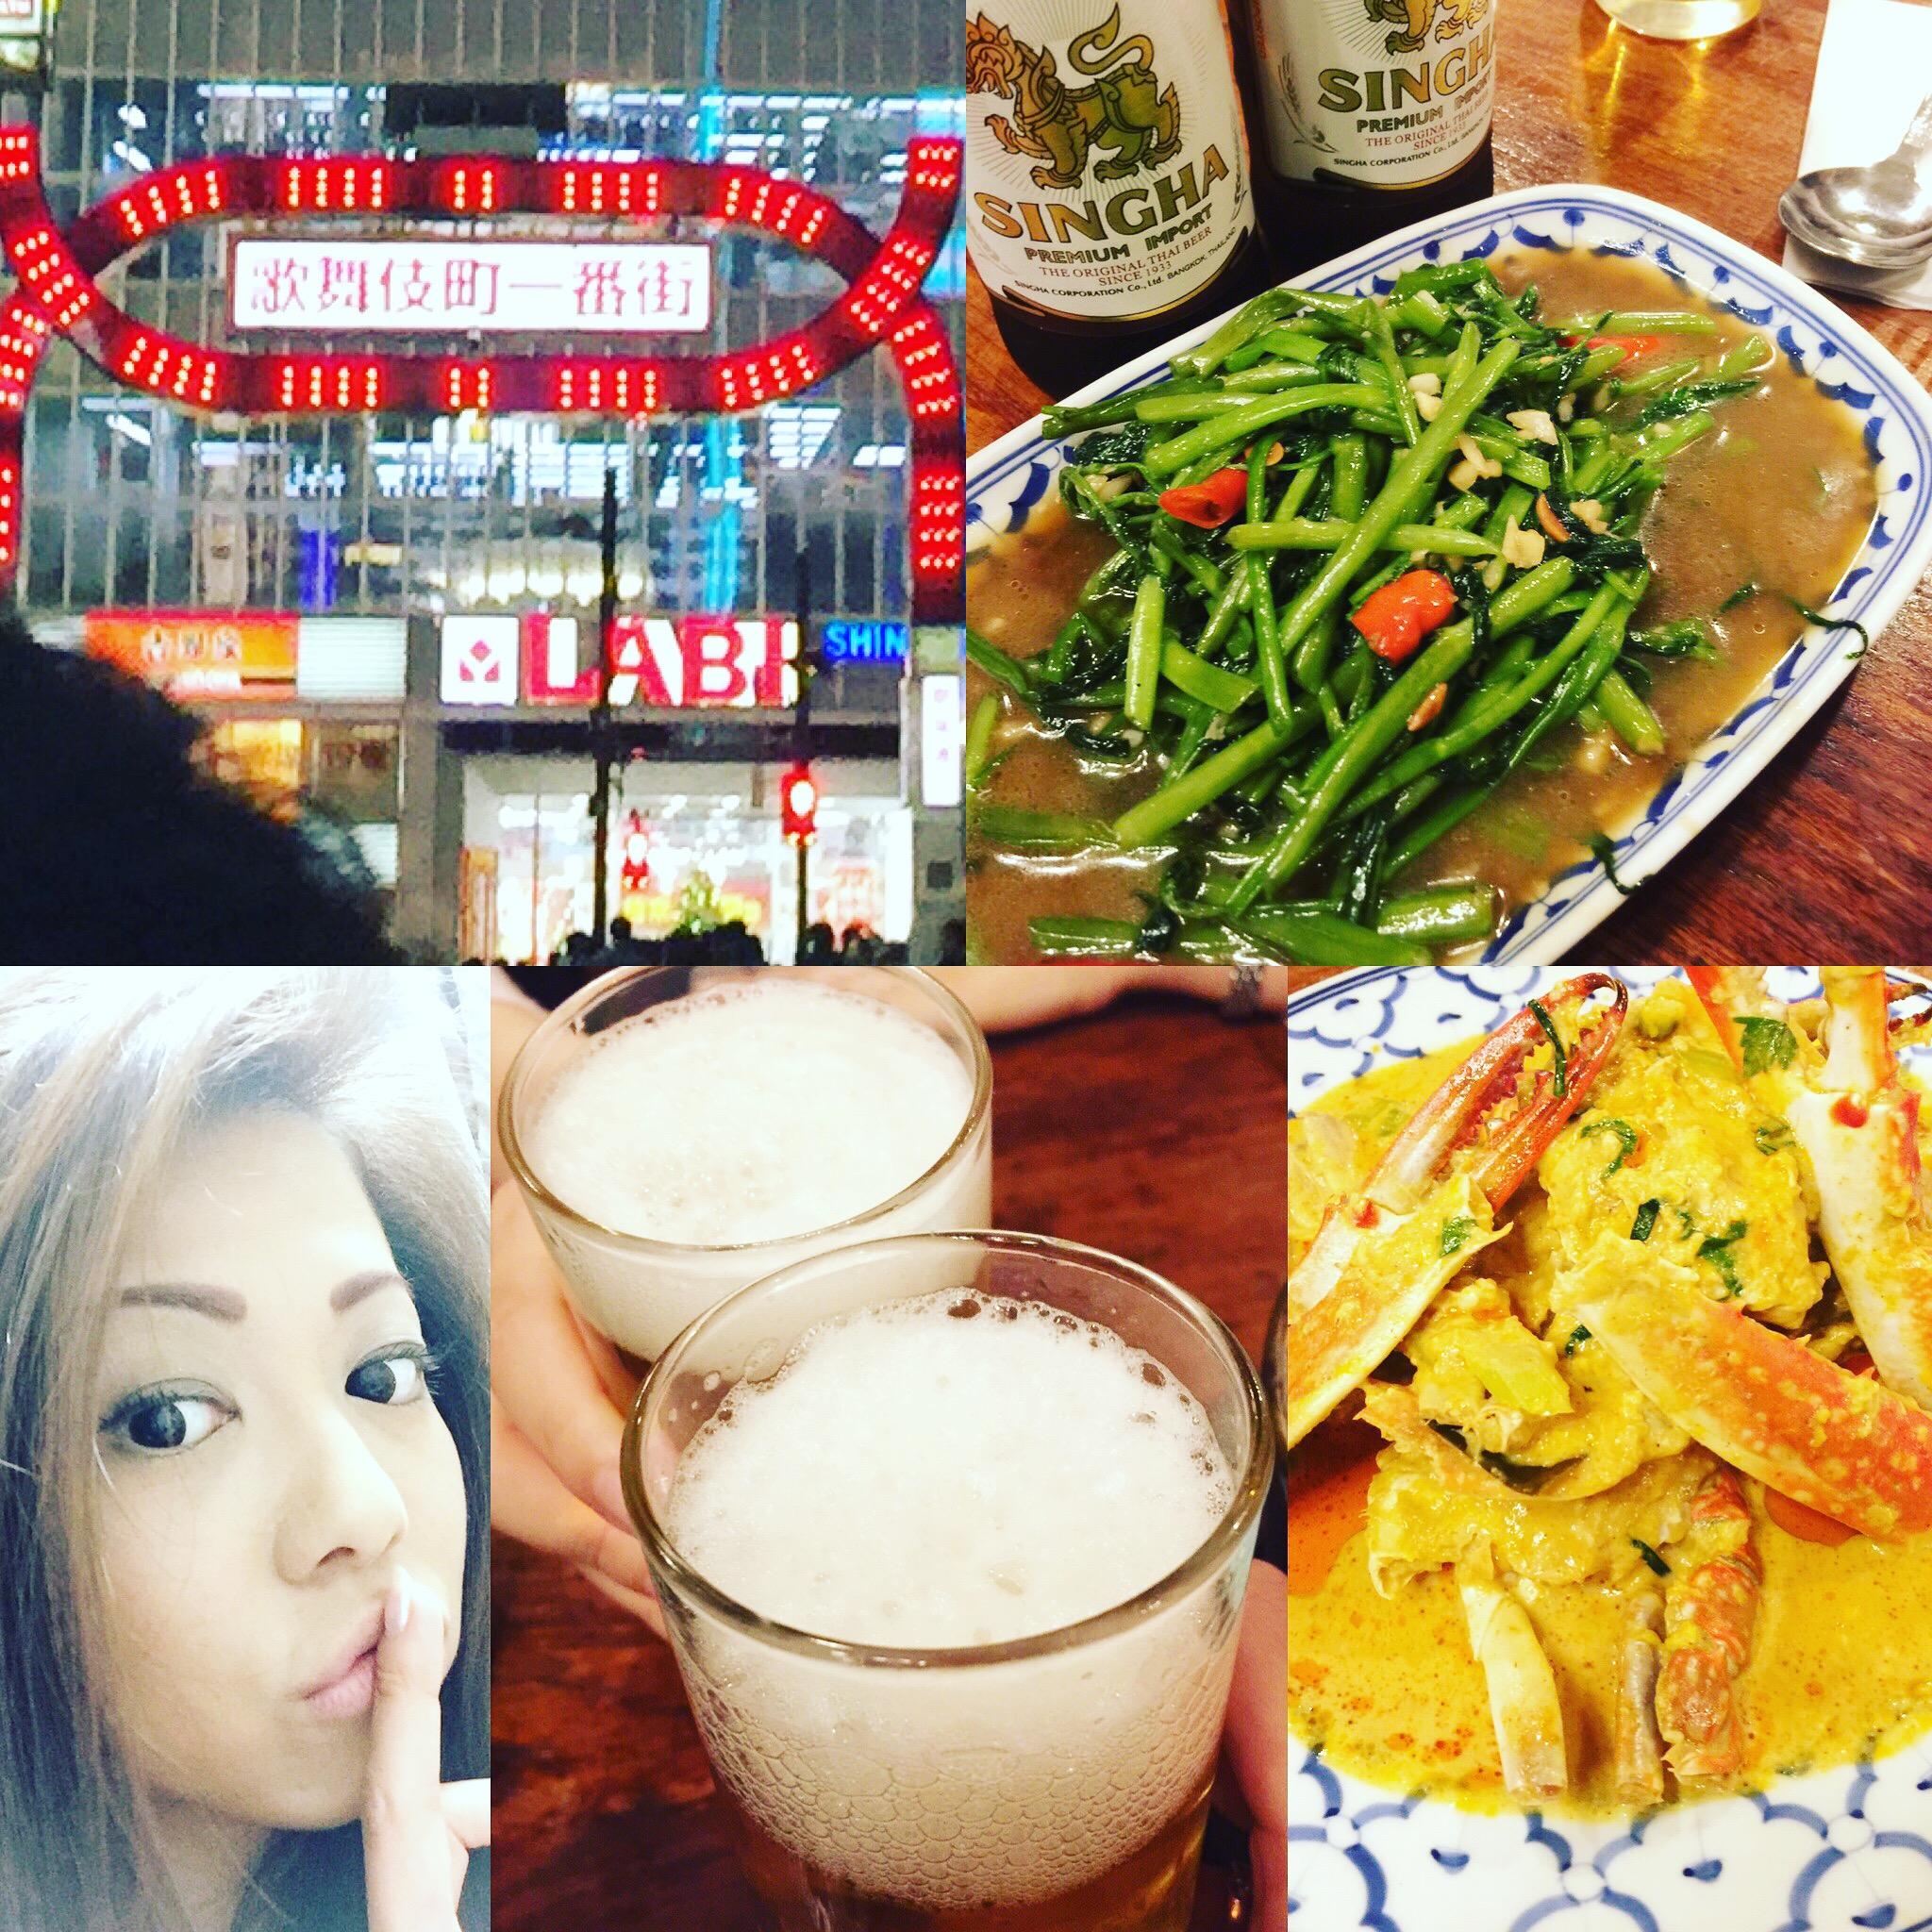 タイ好きな私がイチオシのタイ料理in新宿!